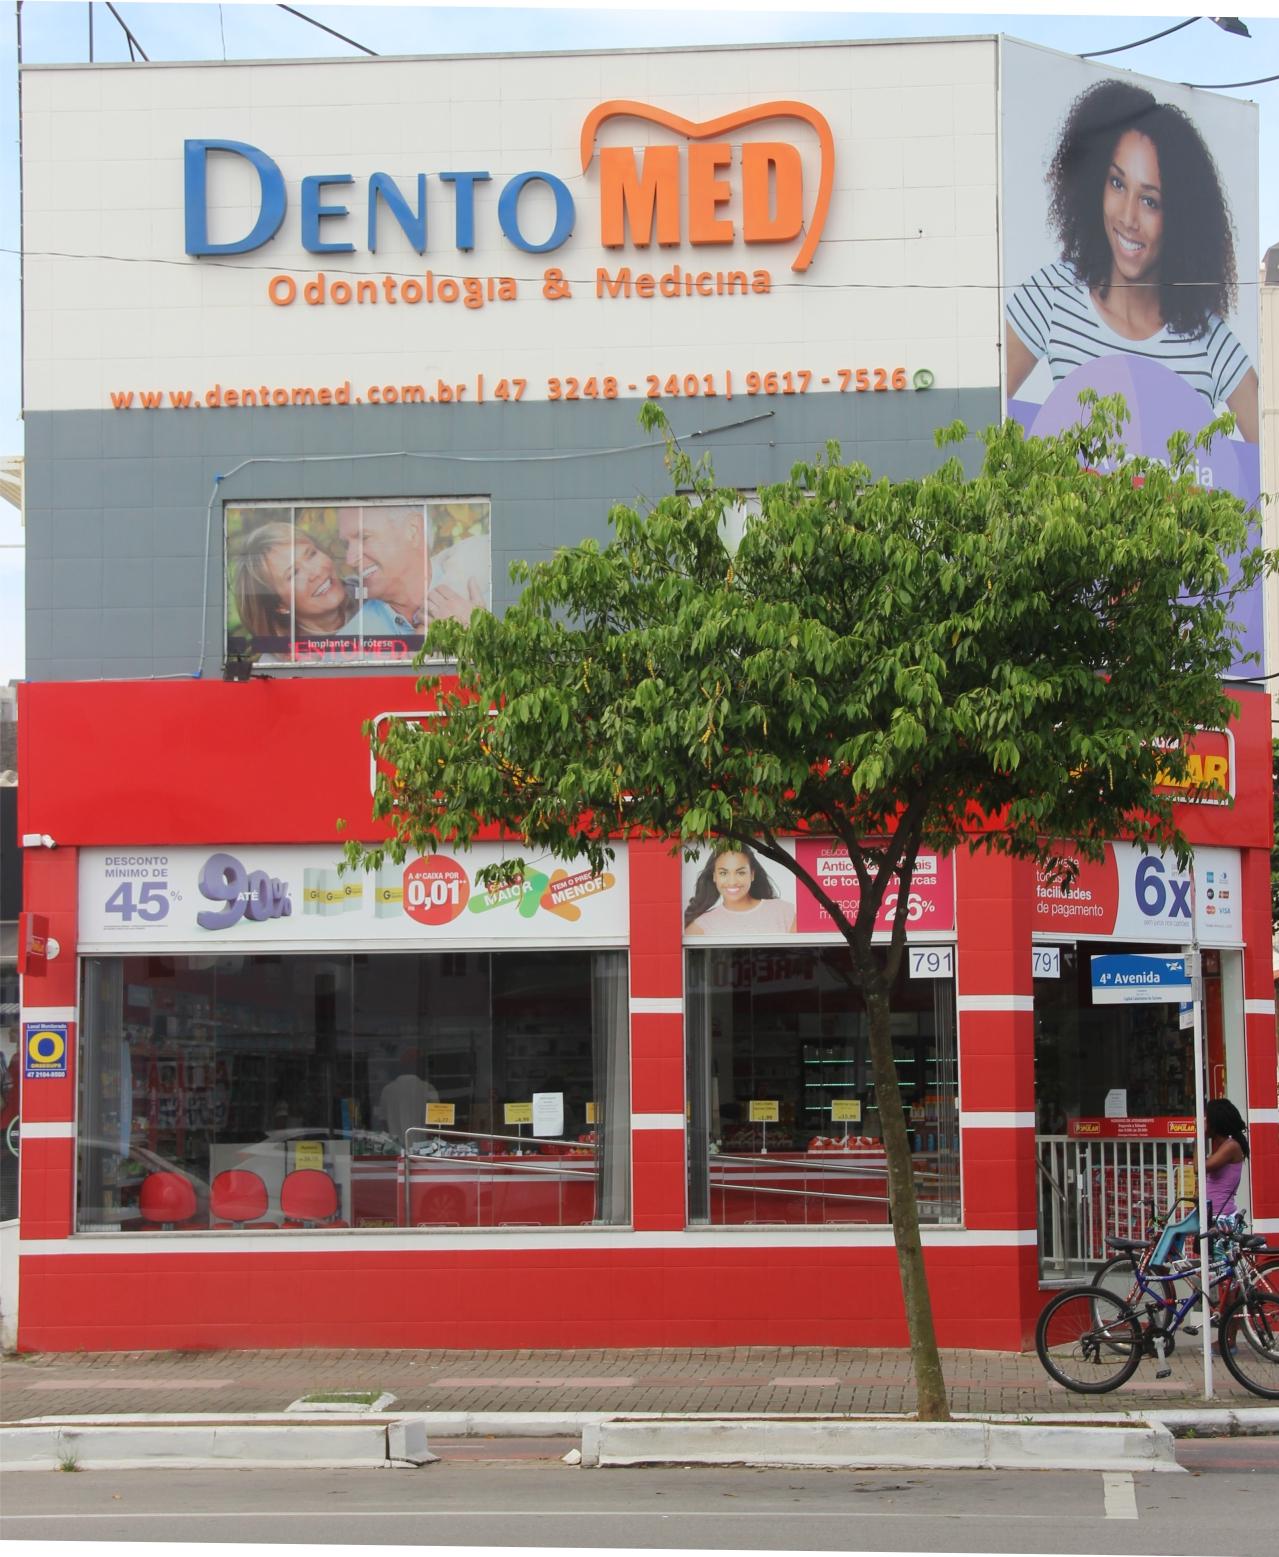 DentoMED - Odontologia & Medicina - (47) 3248-2401 - Clinica de Ortodontia -  Implantes - Próteses -  Estética - Psiquiatria & Psicologia - Dependência Química - Balneário Camboriú-SC